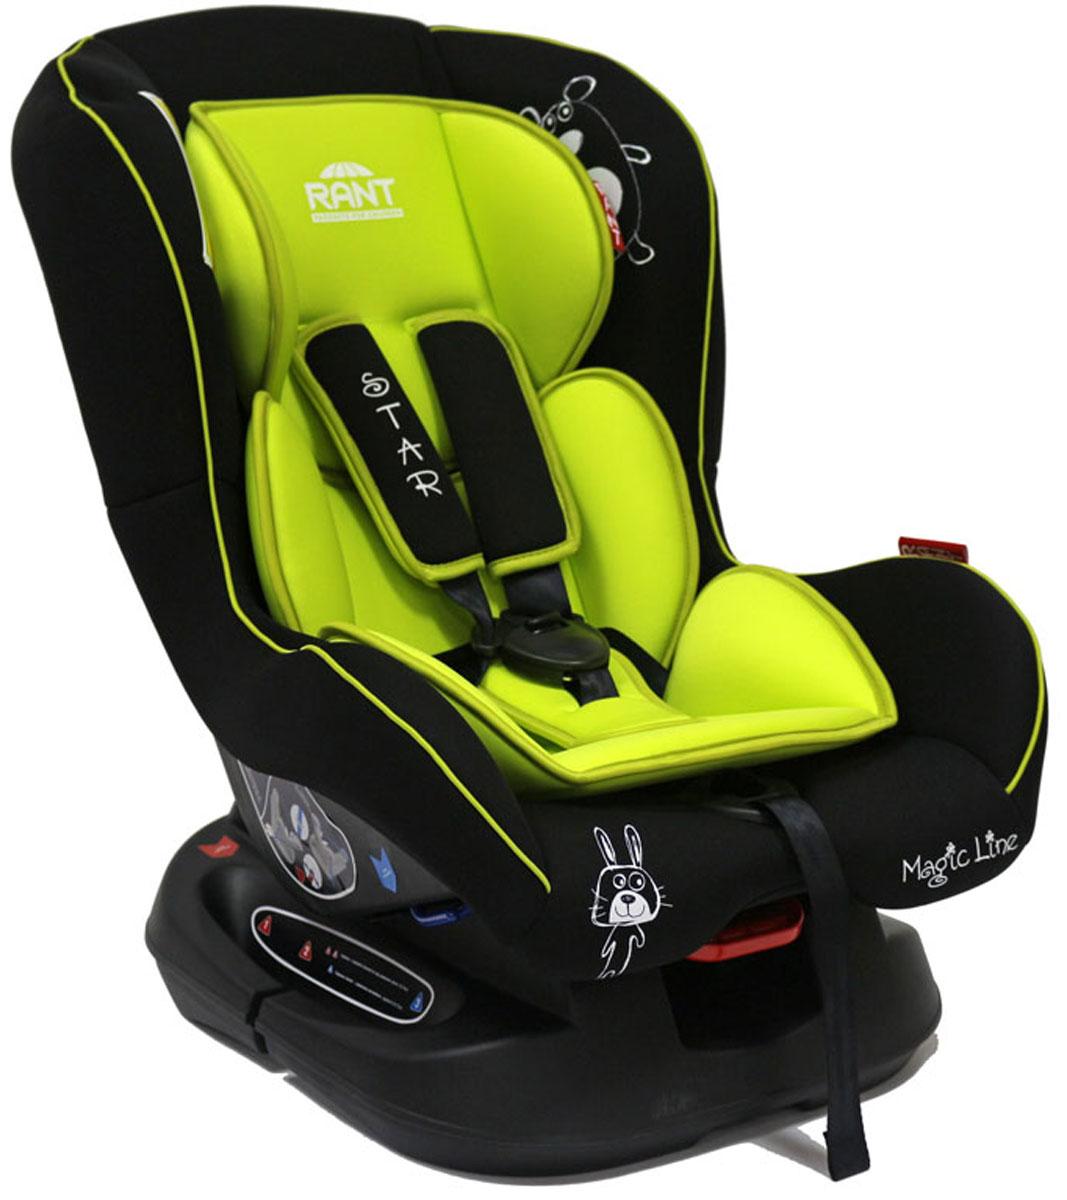 Rant Автокресло Star цвет салатовый до 18 кг4630008876718Детское автокресло Rant Star предназначено для детей с рождения и до 18 кг (приблизительно до 4-х лет). Автокресло может устанавливаться как по ходу движения, так и против хода движения. Для новорожденного малыша (0+, 9 кг) автокресло фиксируется в автомобиле против хода движения (лицом назад) пока малыш научится хорошо сидеть. С 7-8 месяцев автокресло фиксируется лицом вперед и эксплуатируется приблизительно до 4-х лет (9+, 18 кг). Особенности: Удобное сидение анатомической формы с мягким матрасиком делает кресло удобным, комфортным и безопасным для малышей. Усиленная мягкая боковая защита обеспечит безопасность и защитит ребенка от ударов при боковых столкновениях. Спинка автокресла имеет регулировку наклона в 3-х положениях. Положение наклона спинки автокресла для комфортного сна в длительных поездках легко регулируются одной рукой при помощи специального рычажка, расположенного в передней части автокресла под чехлом. Автокресло оснащено 5-ти точечными ремнями безопасности с мягкими плечевыми накладками (уменьшают нагрузку на плечи малыша). Накладки обеспечивают плотное прилегание и надежно удержат малыша в кресле в случае ударов. Ремни удобно регулировать под рост и комплекцию ребенка без особых усилий. Автокресло Star имеет прочную базу, позволяющую устанавливать кресло не только в автомобиле, но и на других ровных твердых поверхностях. Съемный чехол автокресла Star изготовлен из гипоаллергенной эластичной ткани, легко чистится и стирается вручную или в деликатном режиме в стиральной машине при температуре 30°.Крепление и установка: Установка автокресла возможна в двух положениях: против хода движения (если малышу от 0 до 7-8 месяцев) или по ходу движения (если малышу от 7-8 месяцев и до 4-х лет). Кресло легко и быстро крепится в автомобиле с помощью штатных ремней безопасности. Правильность прохождения ремней безопасности обеспечивается специальными направляющими зацепками, предусмотренными по бокам авто